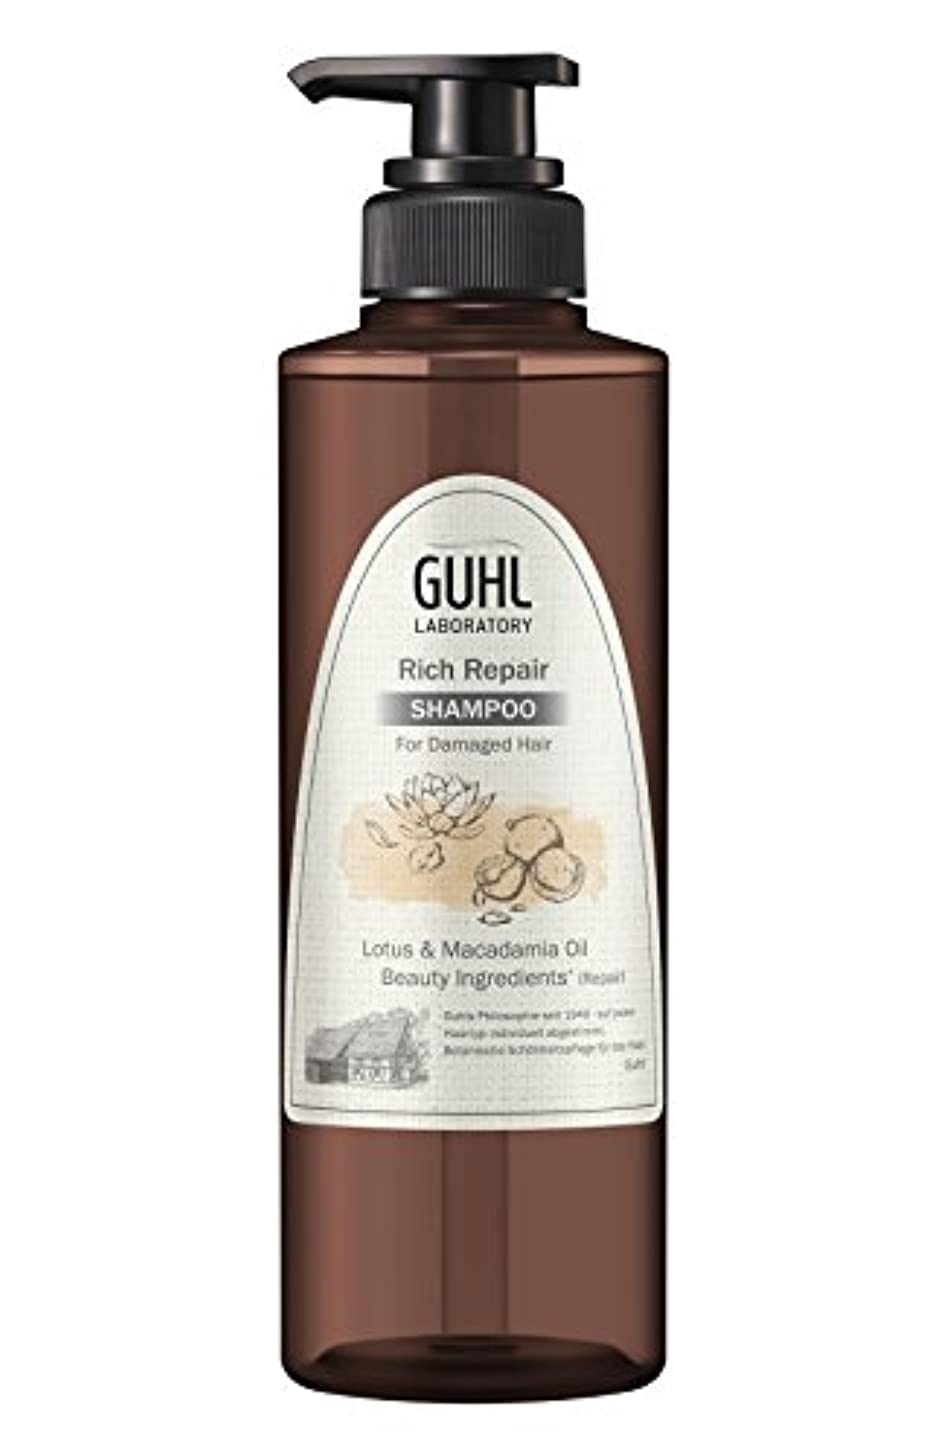 環境保護主義者航空会社バブルグール ラボラトリー シャンプー (ダメージのある髪へ) 植物美容 ヘアケア [ノンシリコン 処方] リッチリペア 430ml